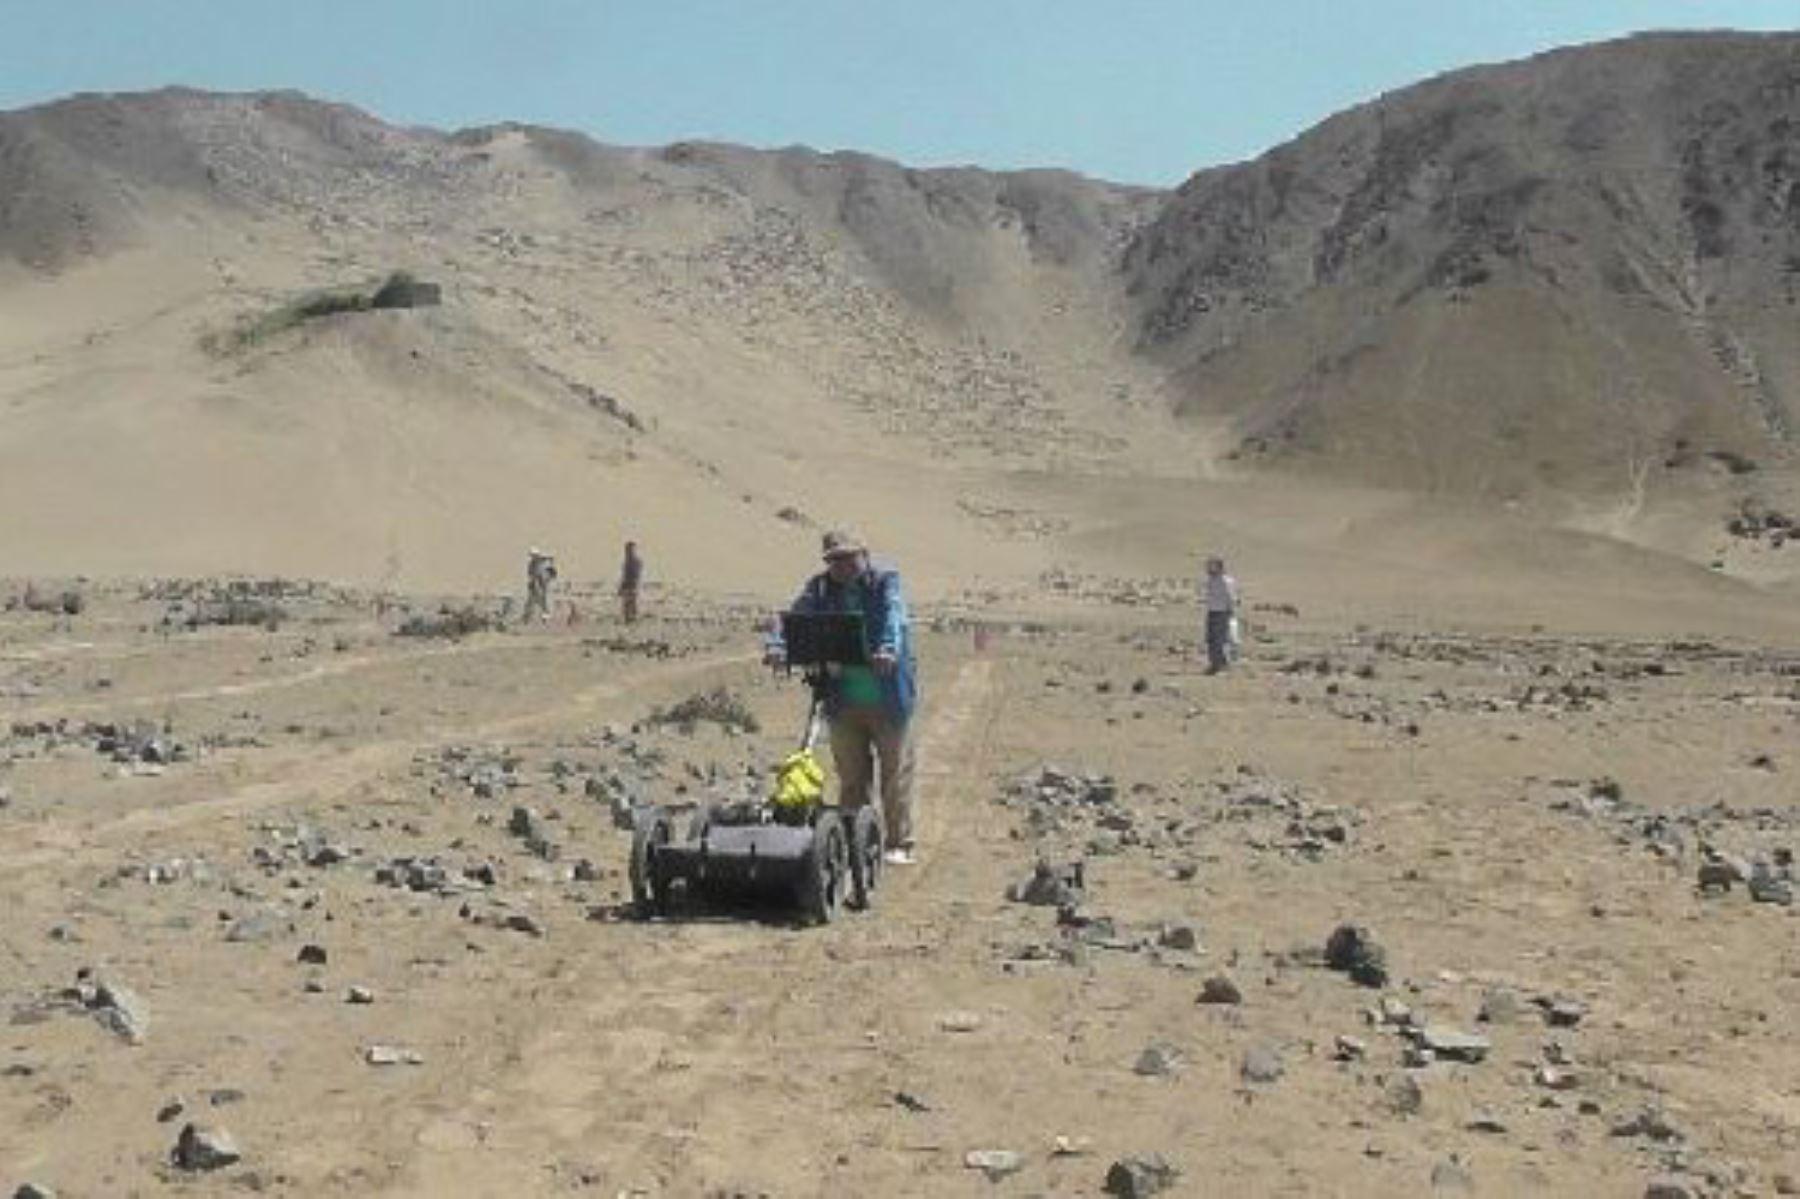 Universidad Nacional de Ingeniería construirá el primer georradar del Perú. Foto: Cortesía.